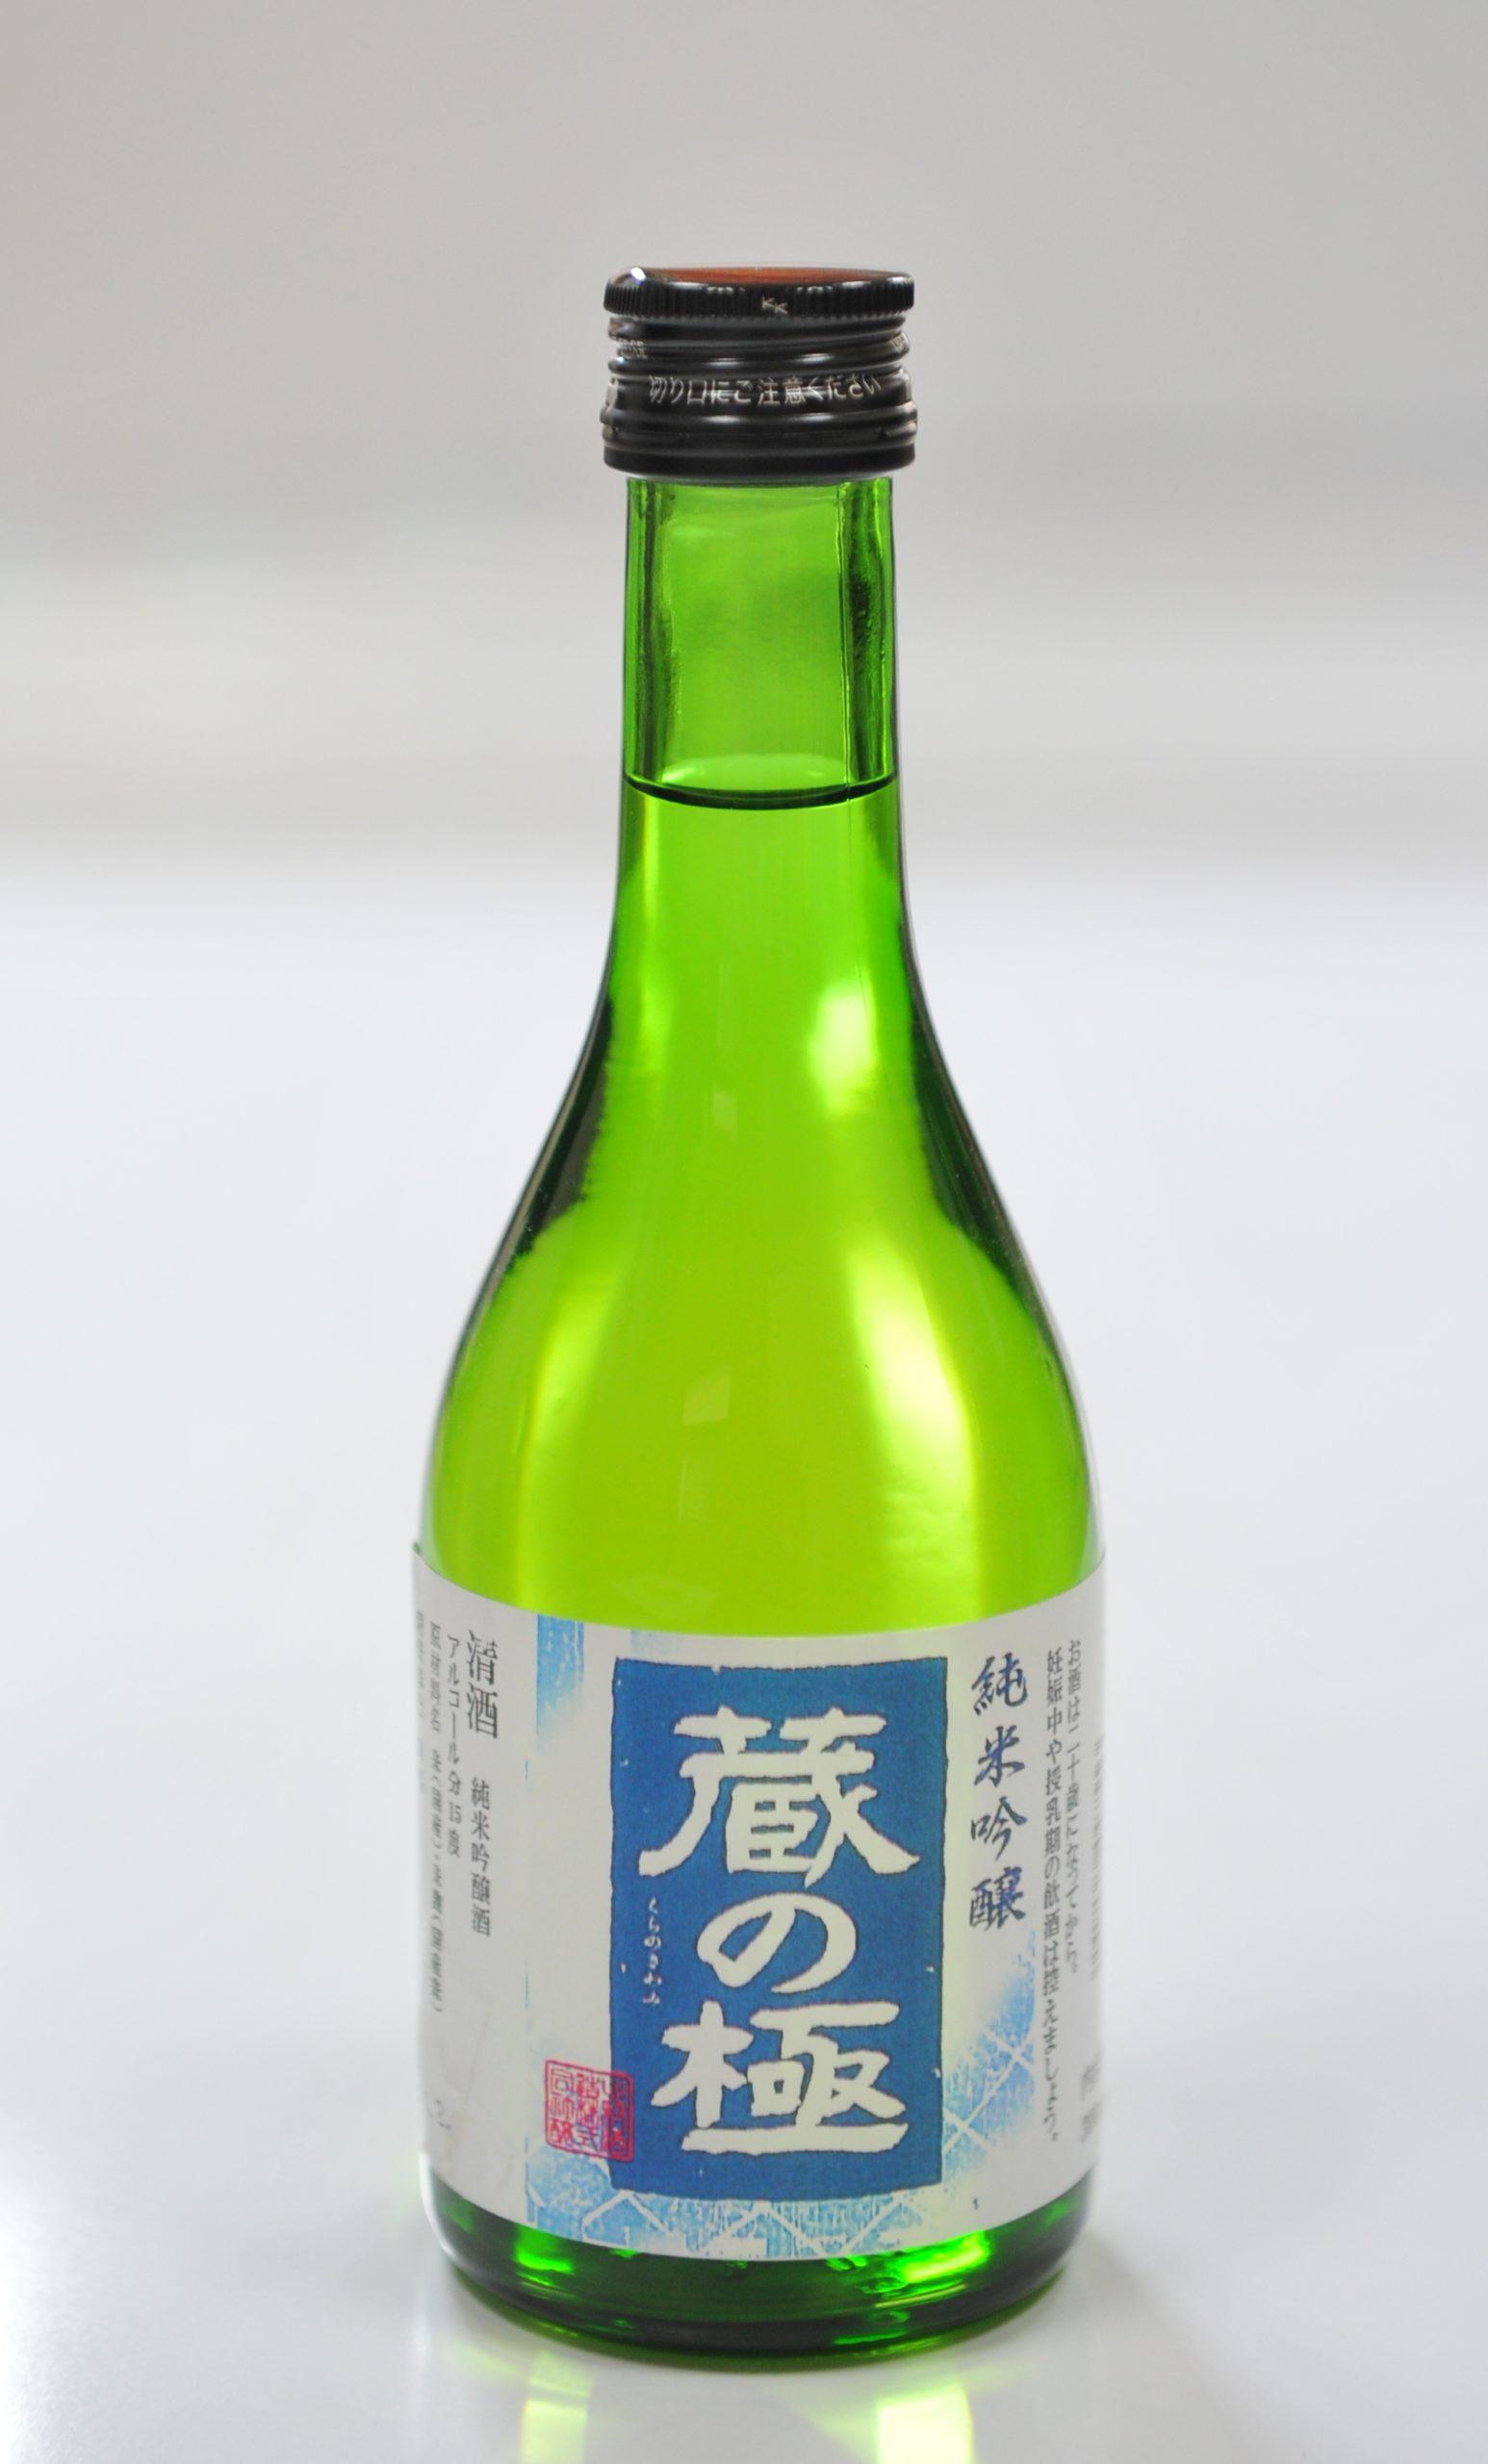 蔵の極 純米吟醸酒 300ml